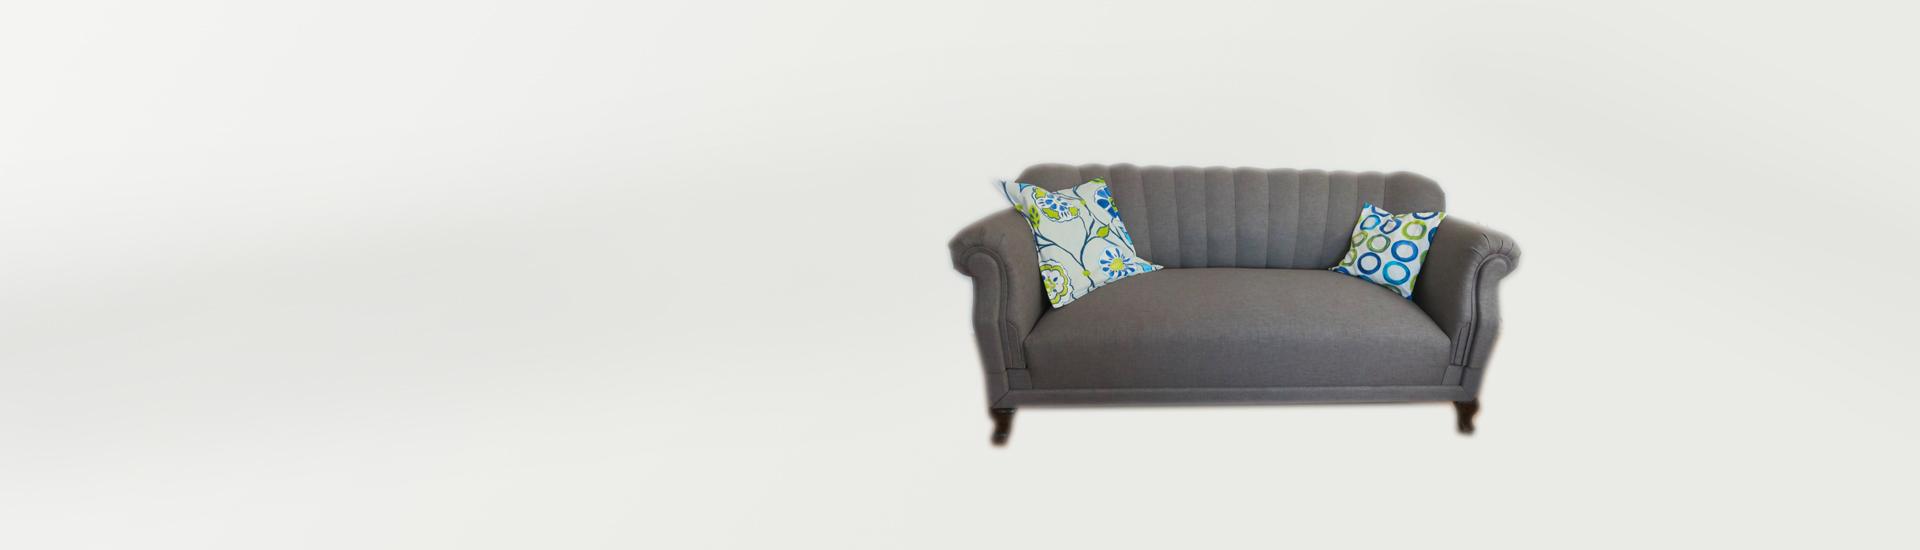 https://www.hoesl-raumausstattung.com/wp-content/uploads/2019/12/sofa2-banner_1920-550.jpg